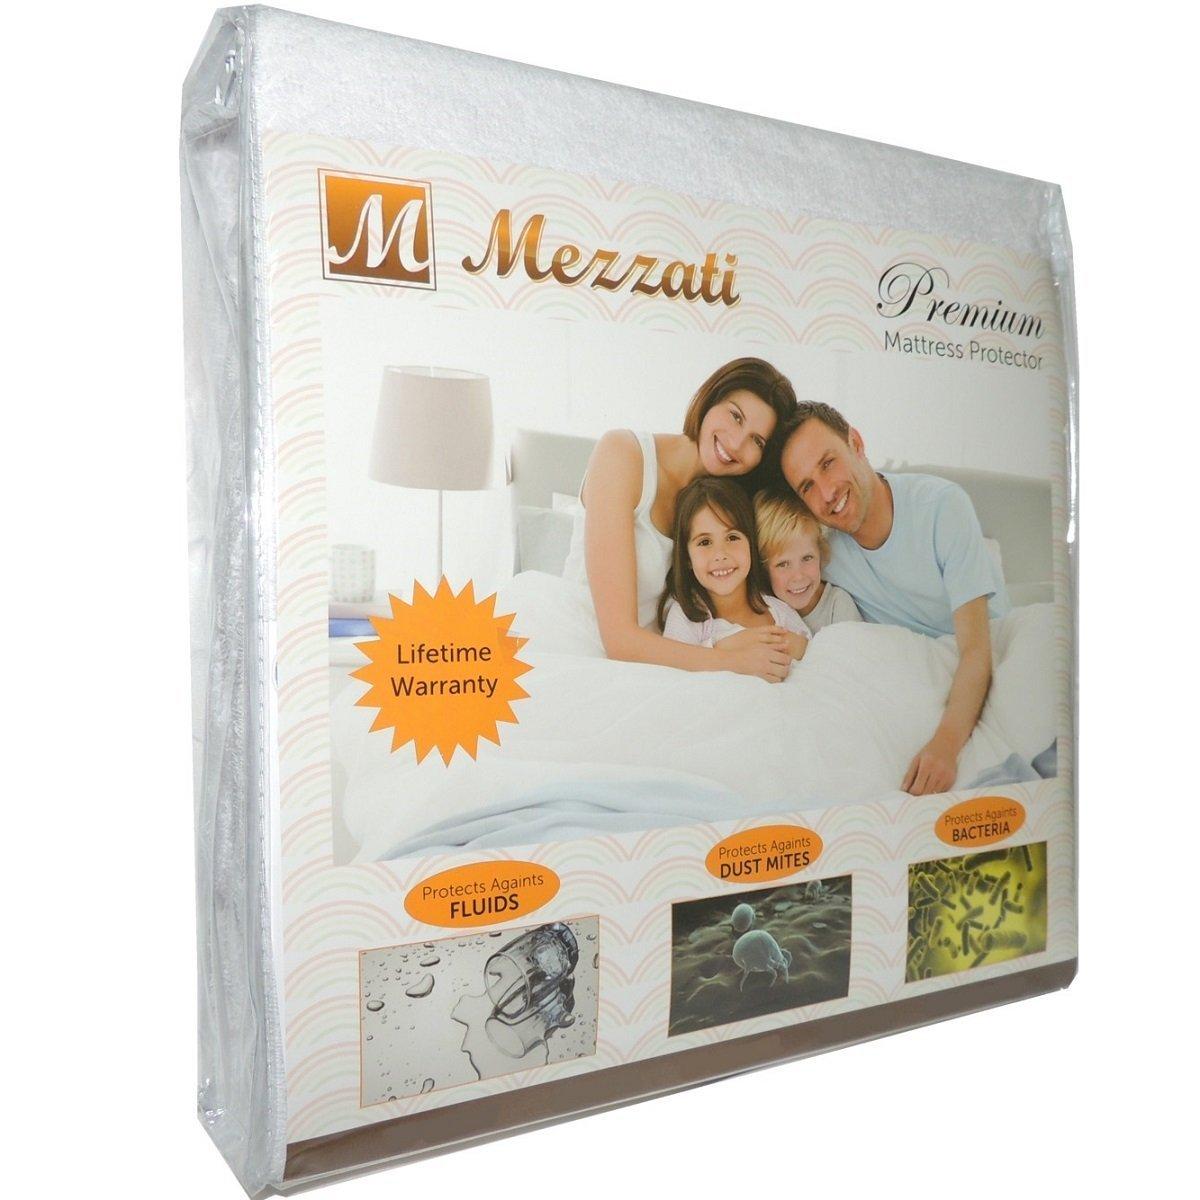 Mezzati #1 Premium Hypoallergenic Mattress Protector - ON SALE